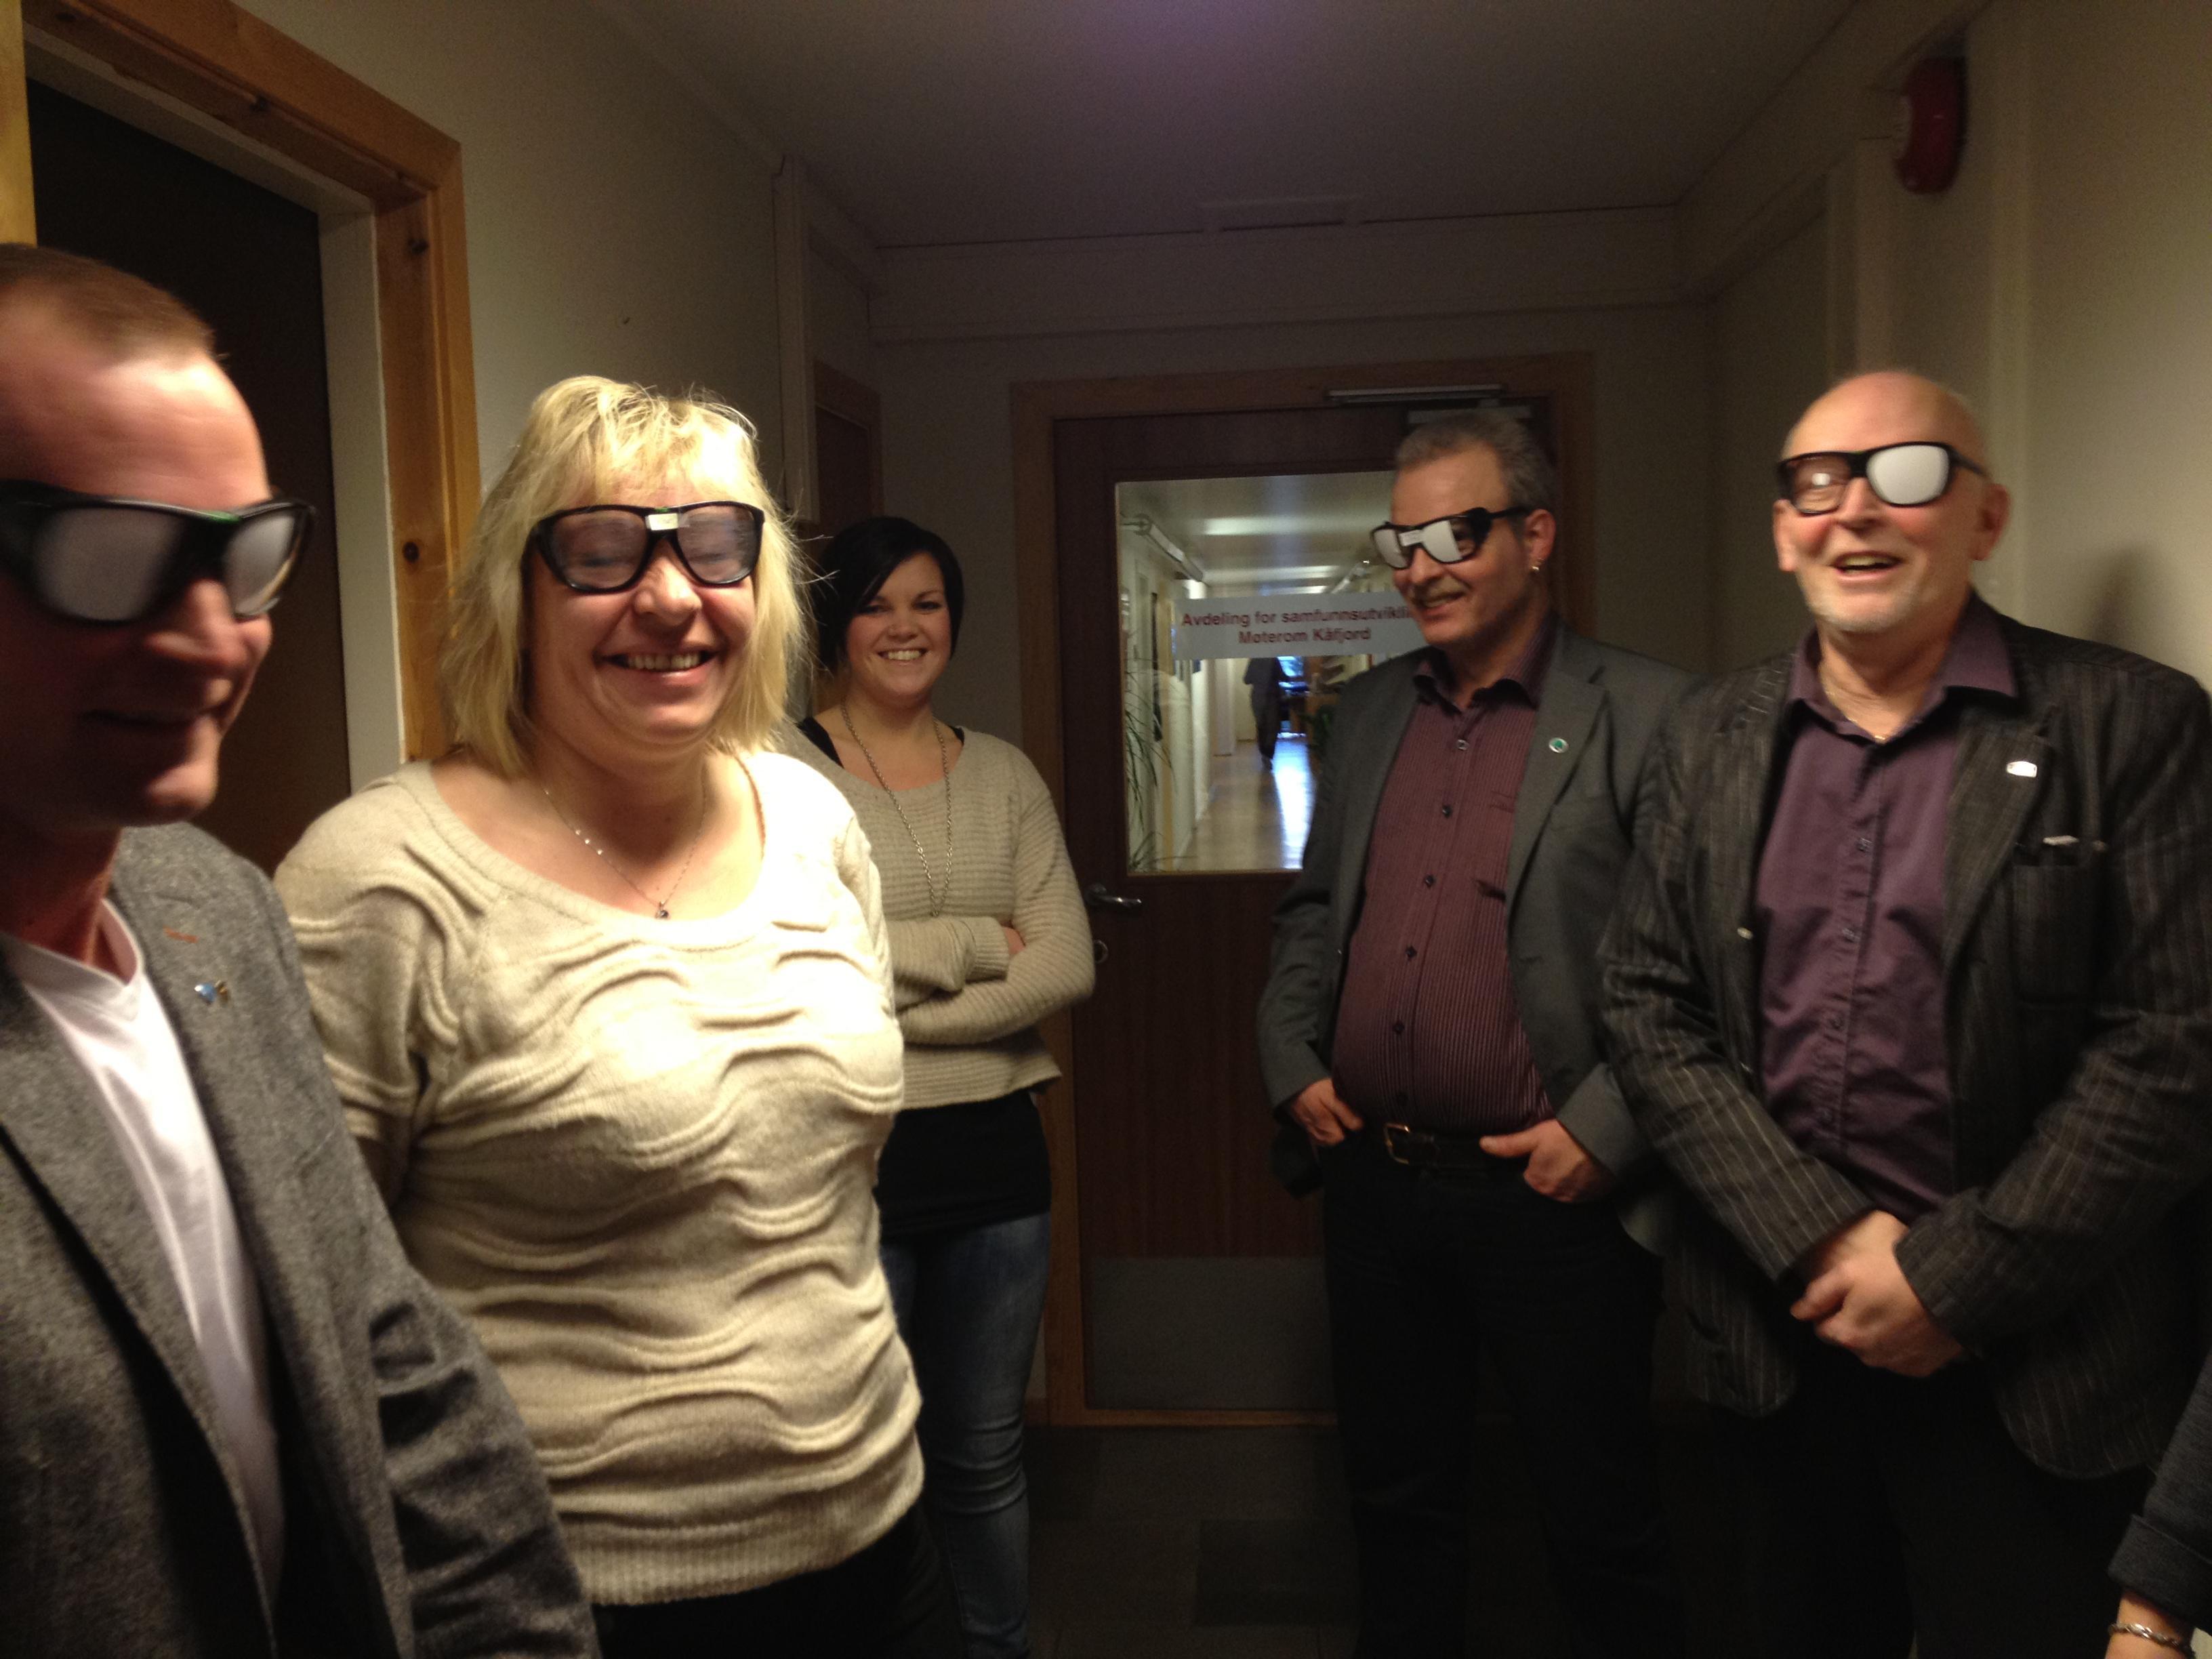 Altapolitikere med briller for ulike synsnedsettelser.